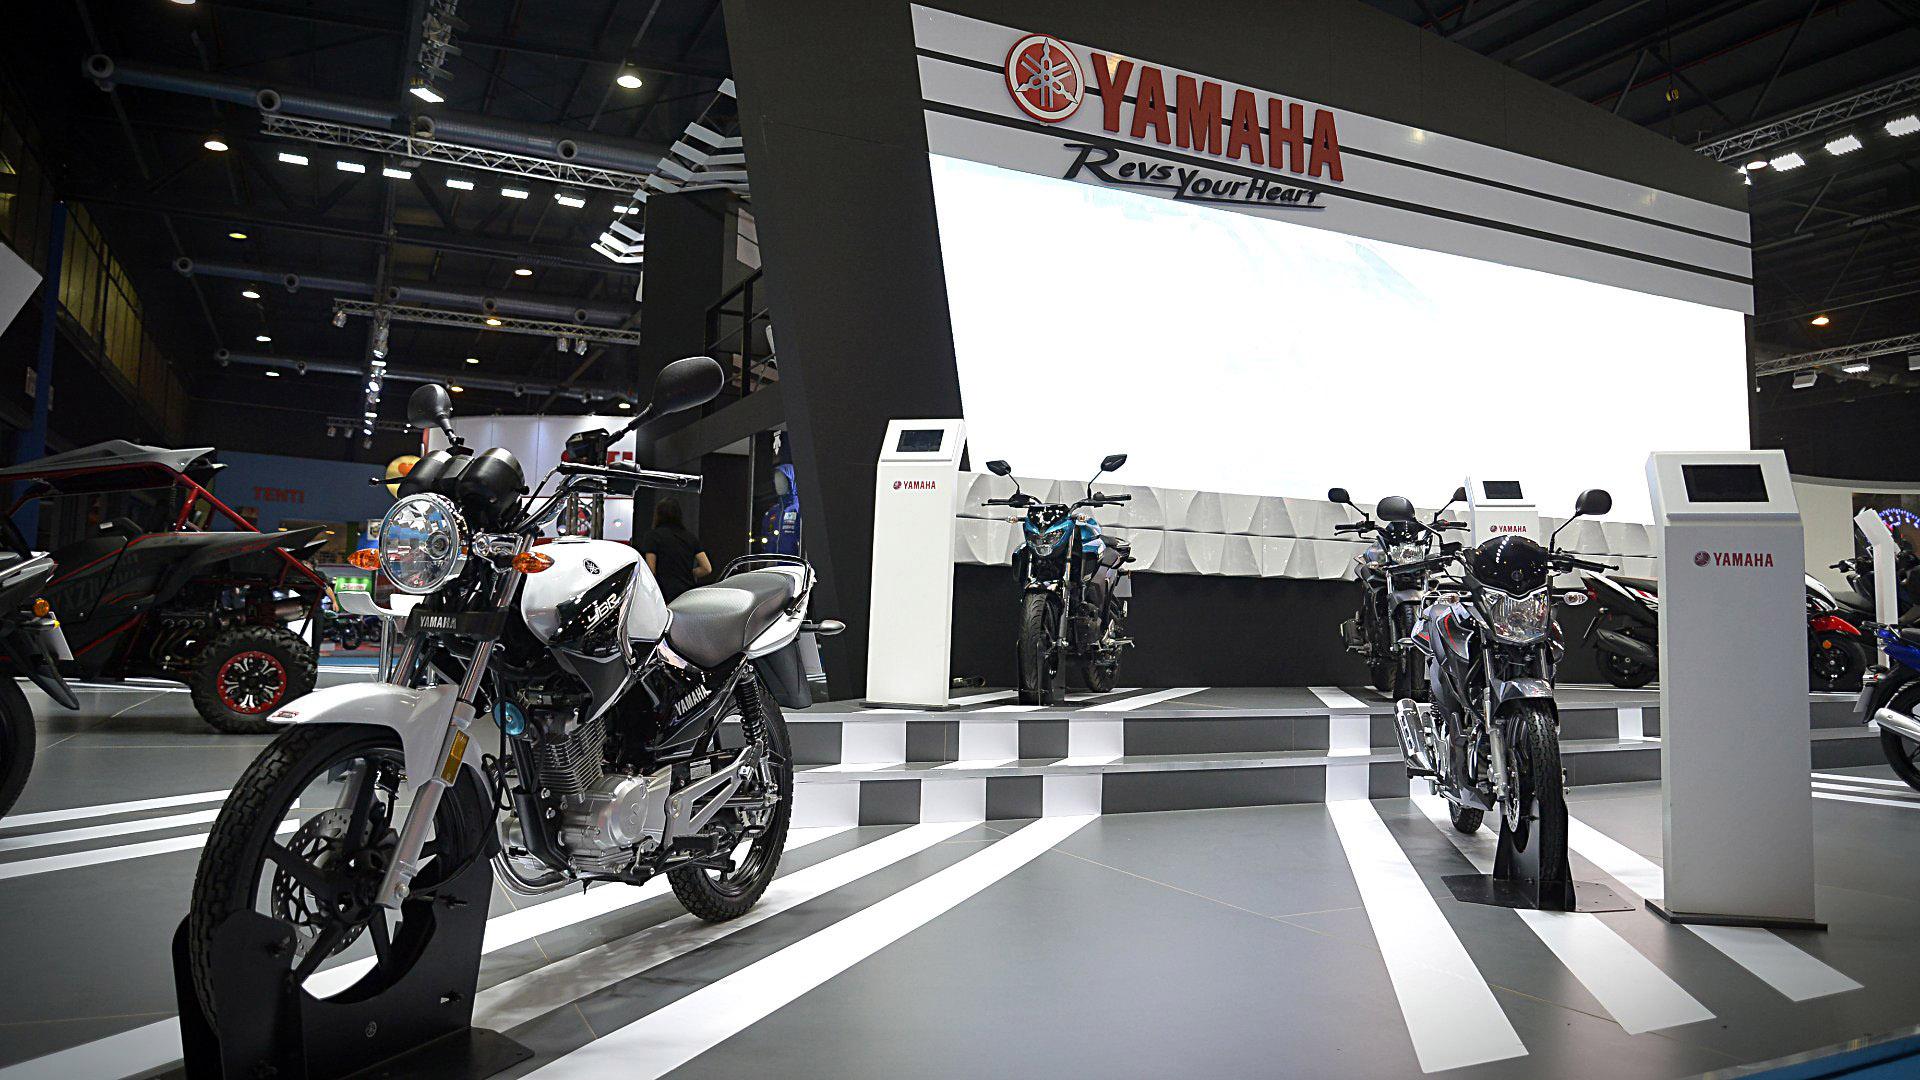 Entre las marcas más distinguidas que se destacan del Salón están Harley-Davidson, BMW, Honda, Kawasaki, Benelli, Indian, Zanella y Yamaha, entre decenas defabricantes